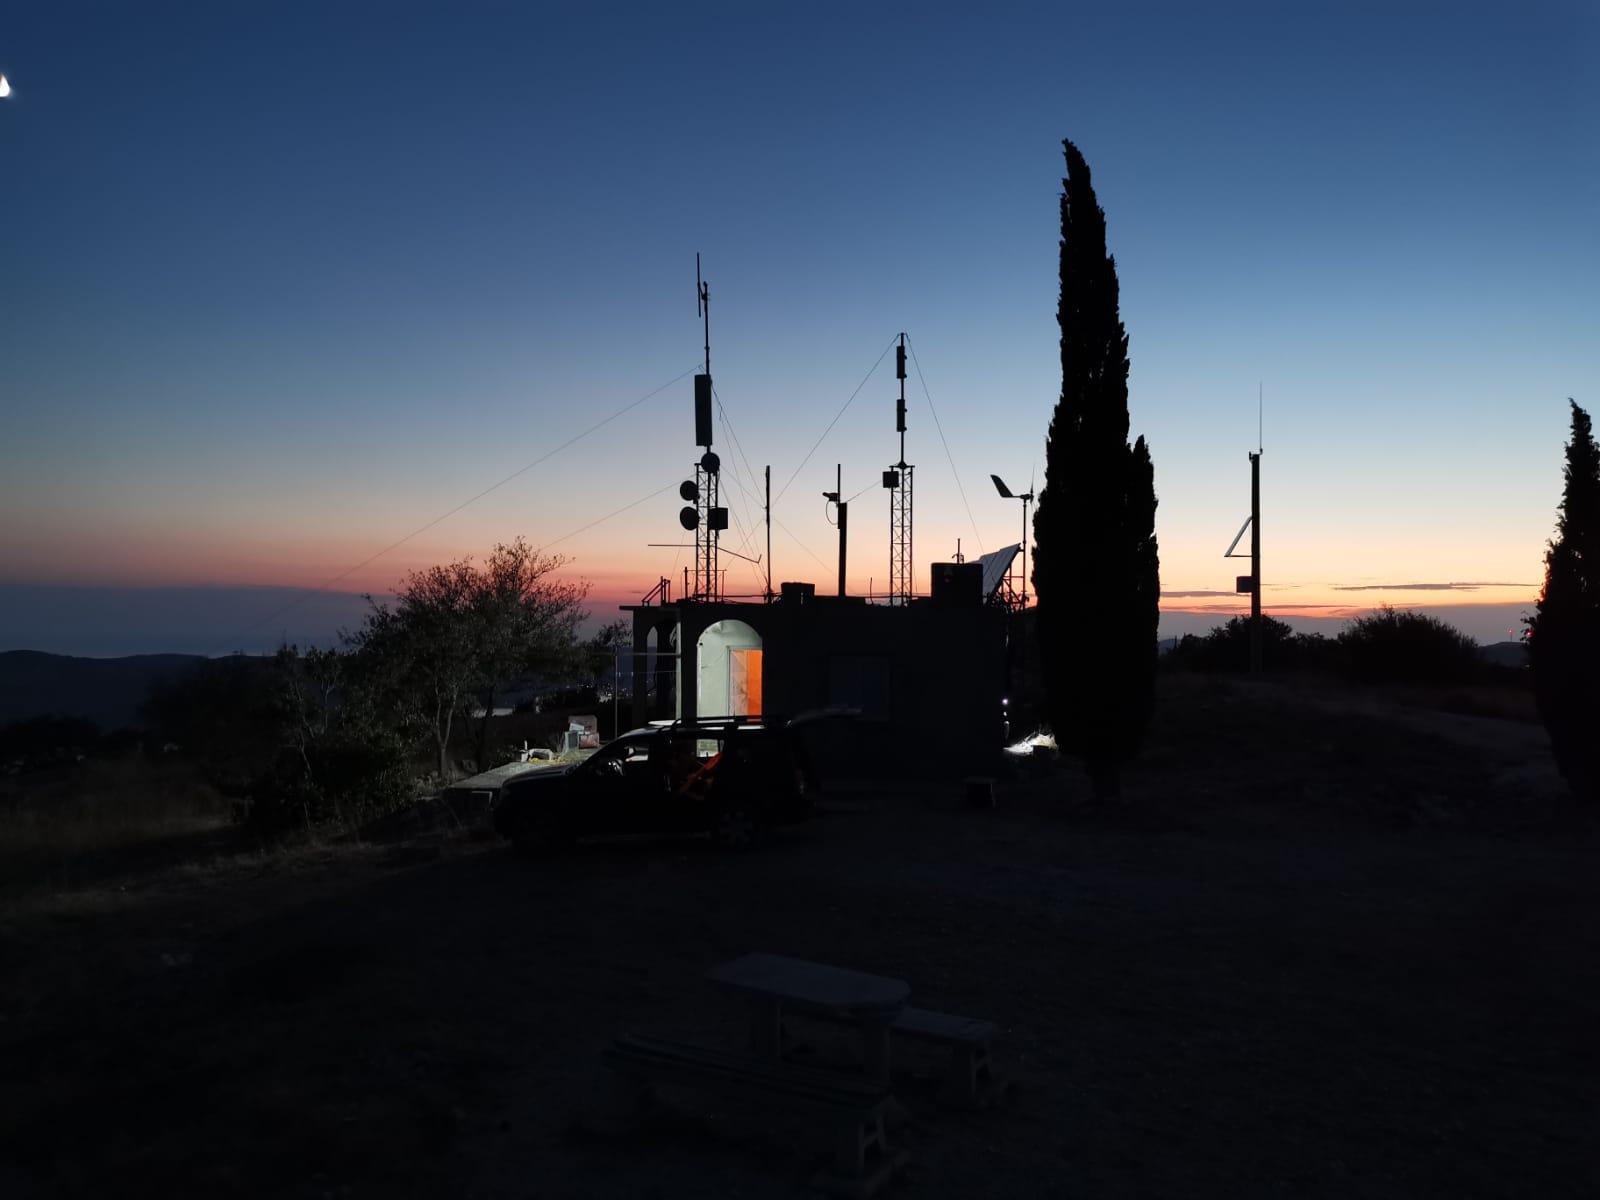 Postavljen novi DMR repetitor u Trogiru